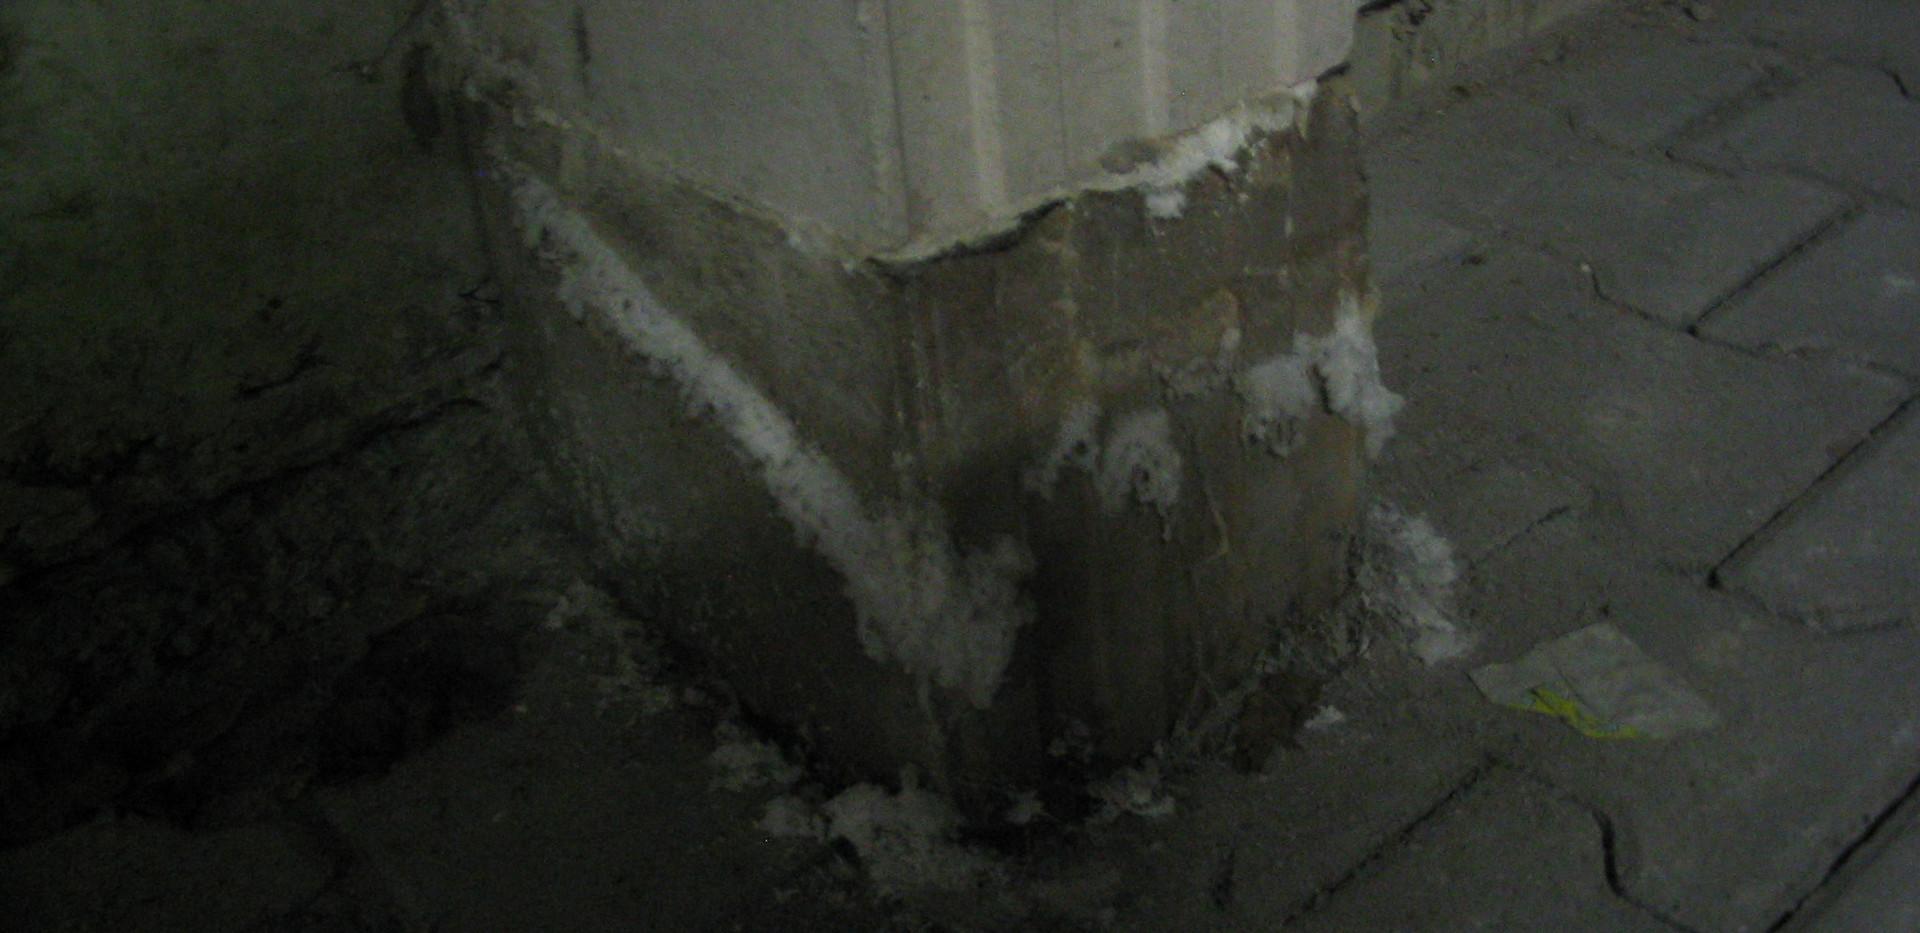 Fehlender Chloridschutz in Tiefgarage